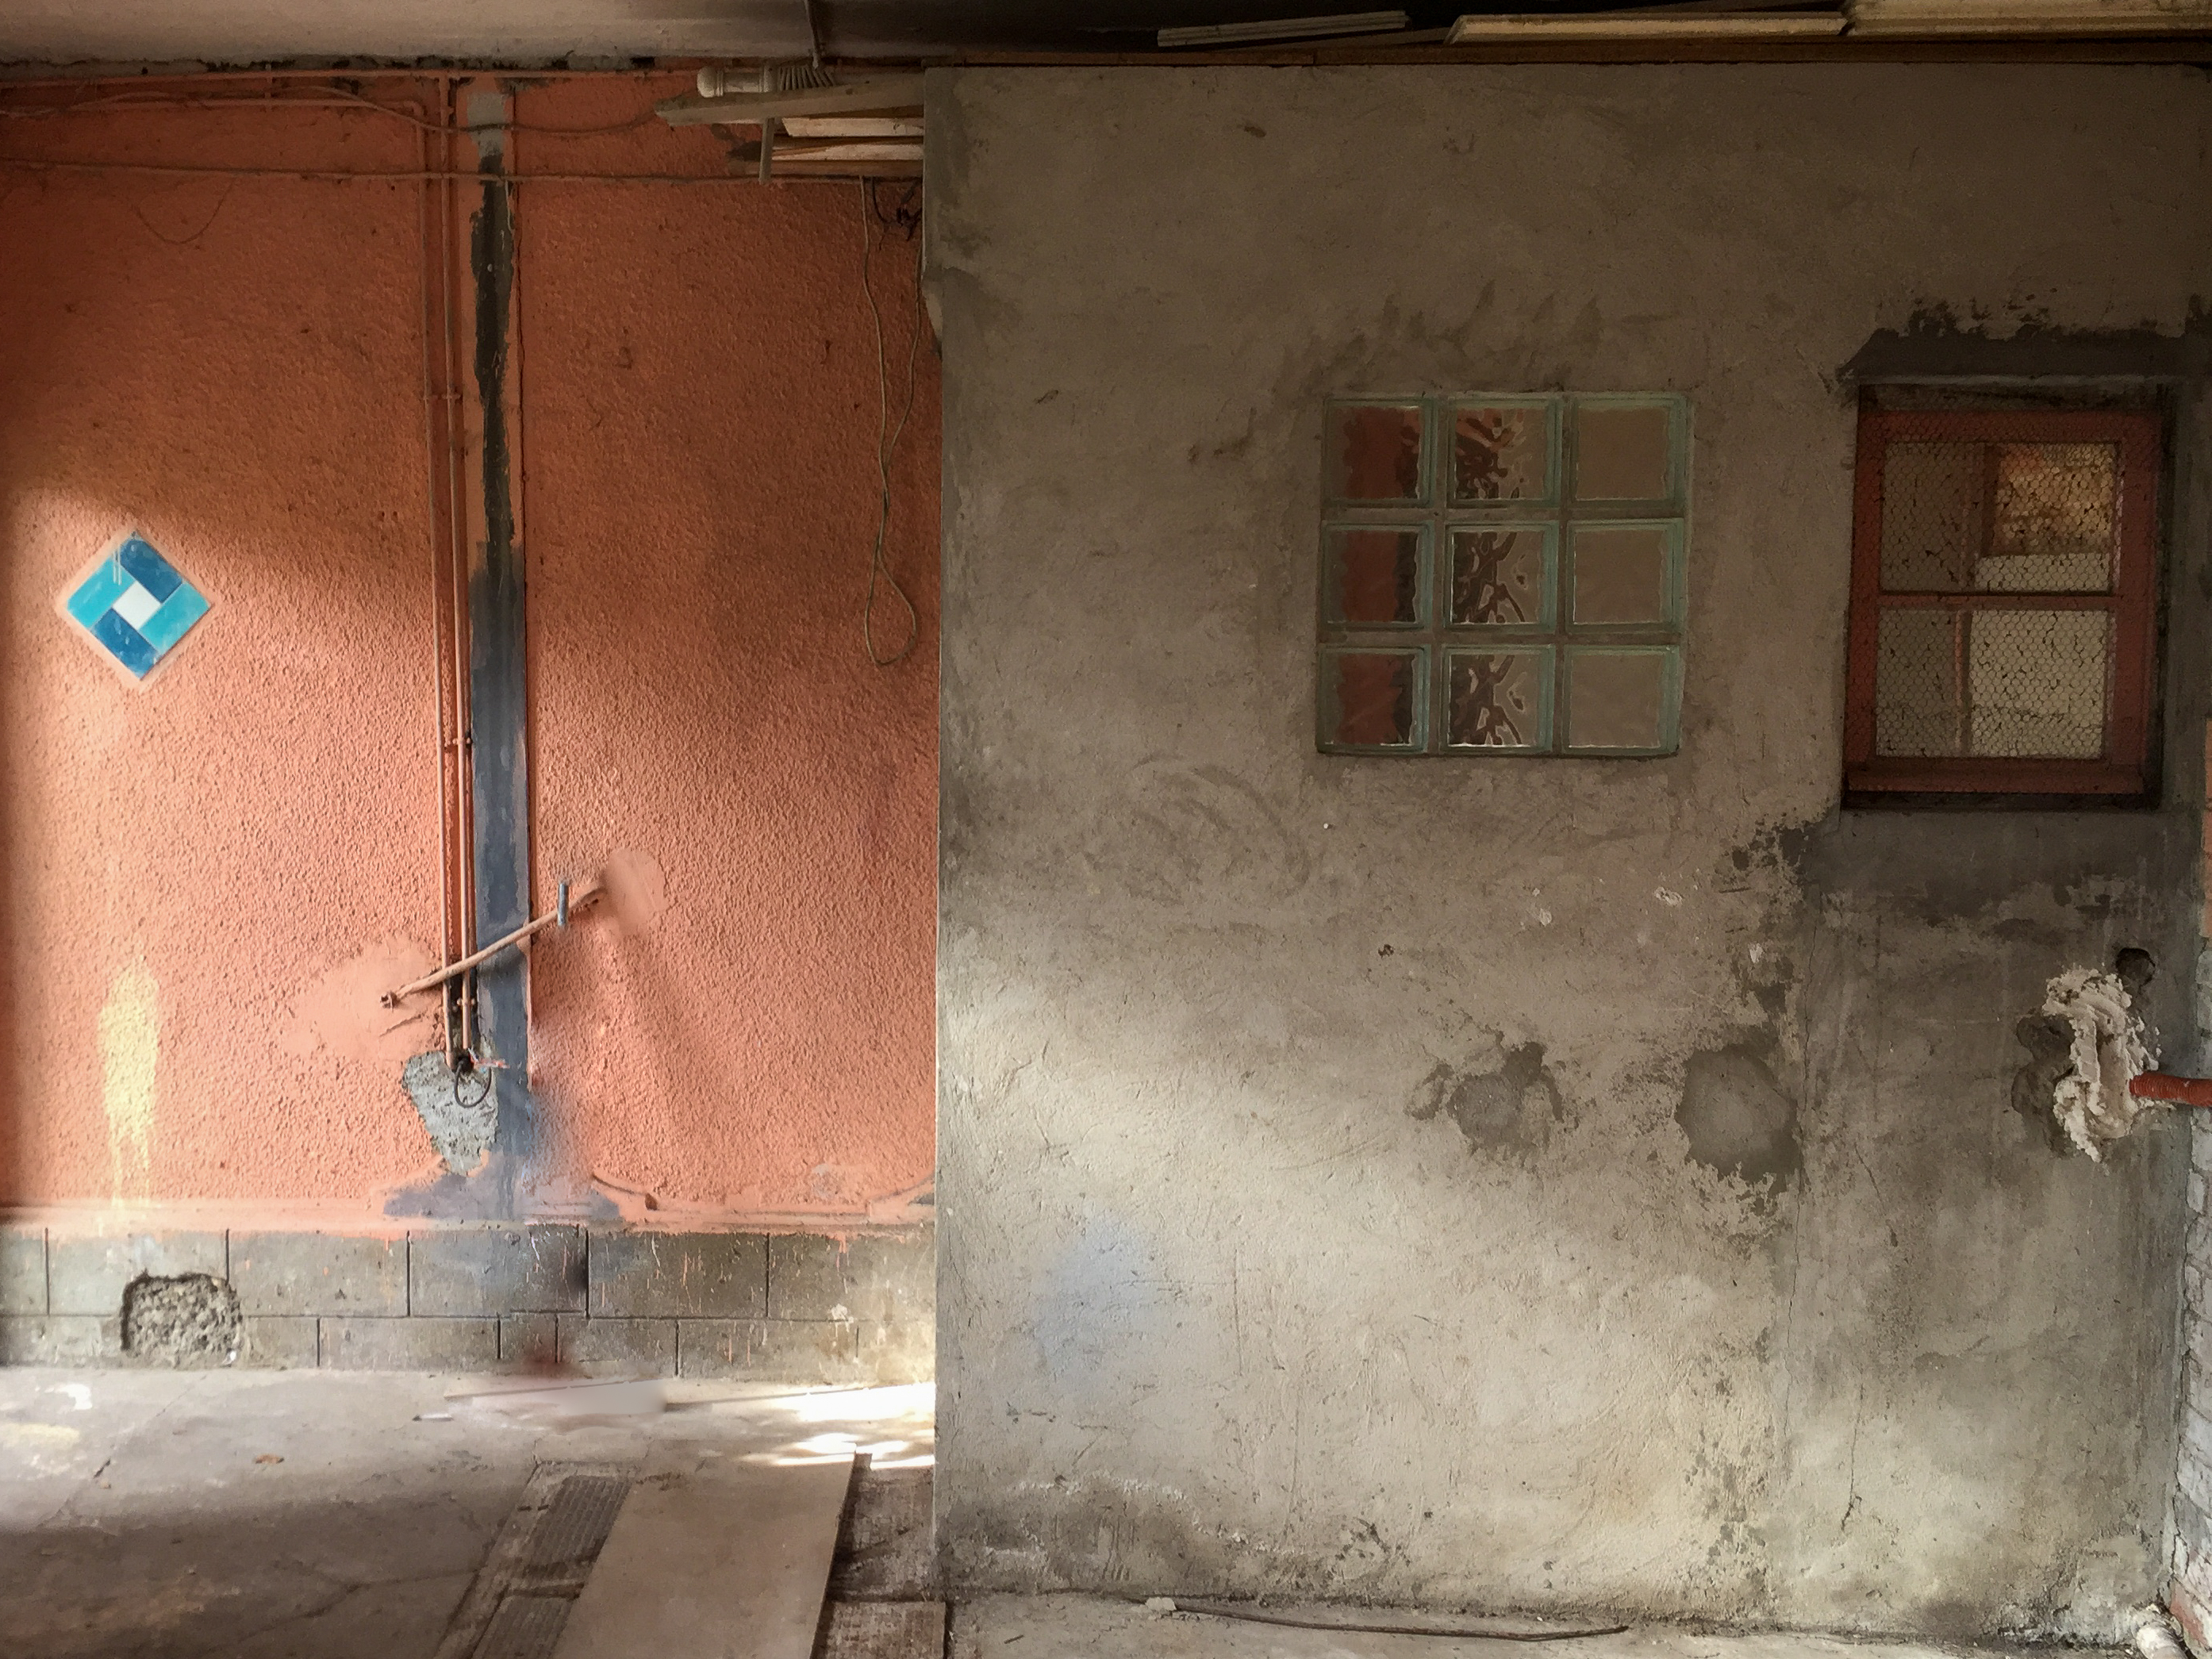 Maison vide pour démolition - Projet Argenteuil 1 2021 - Revenus-Locatifs